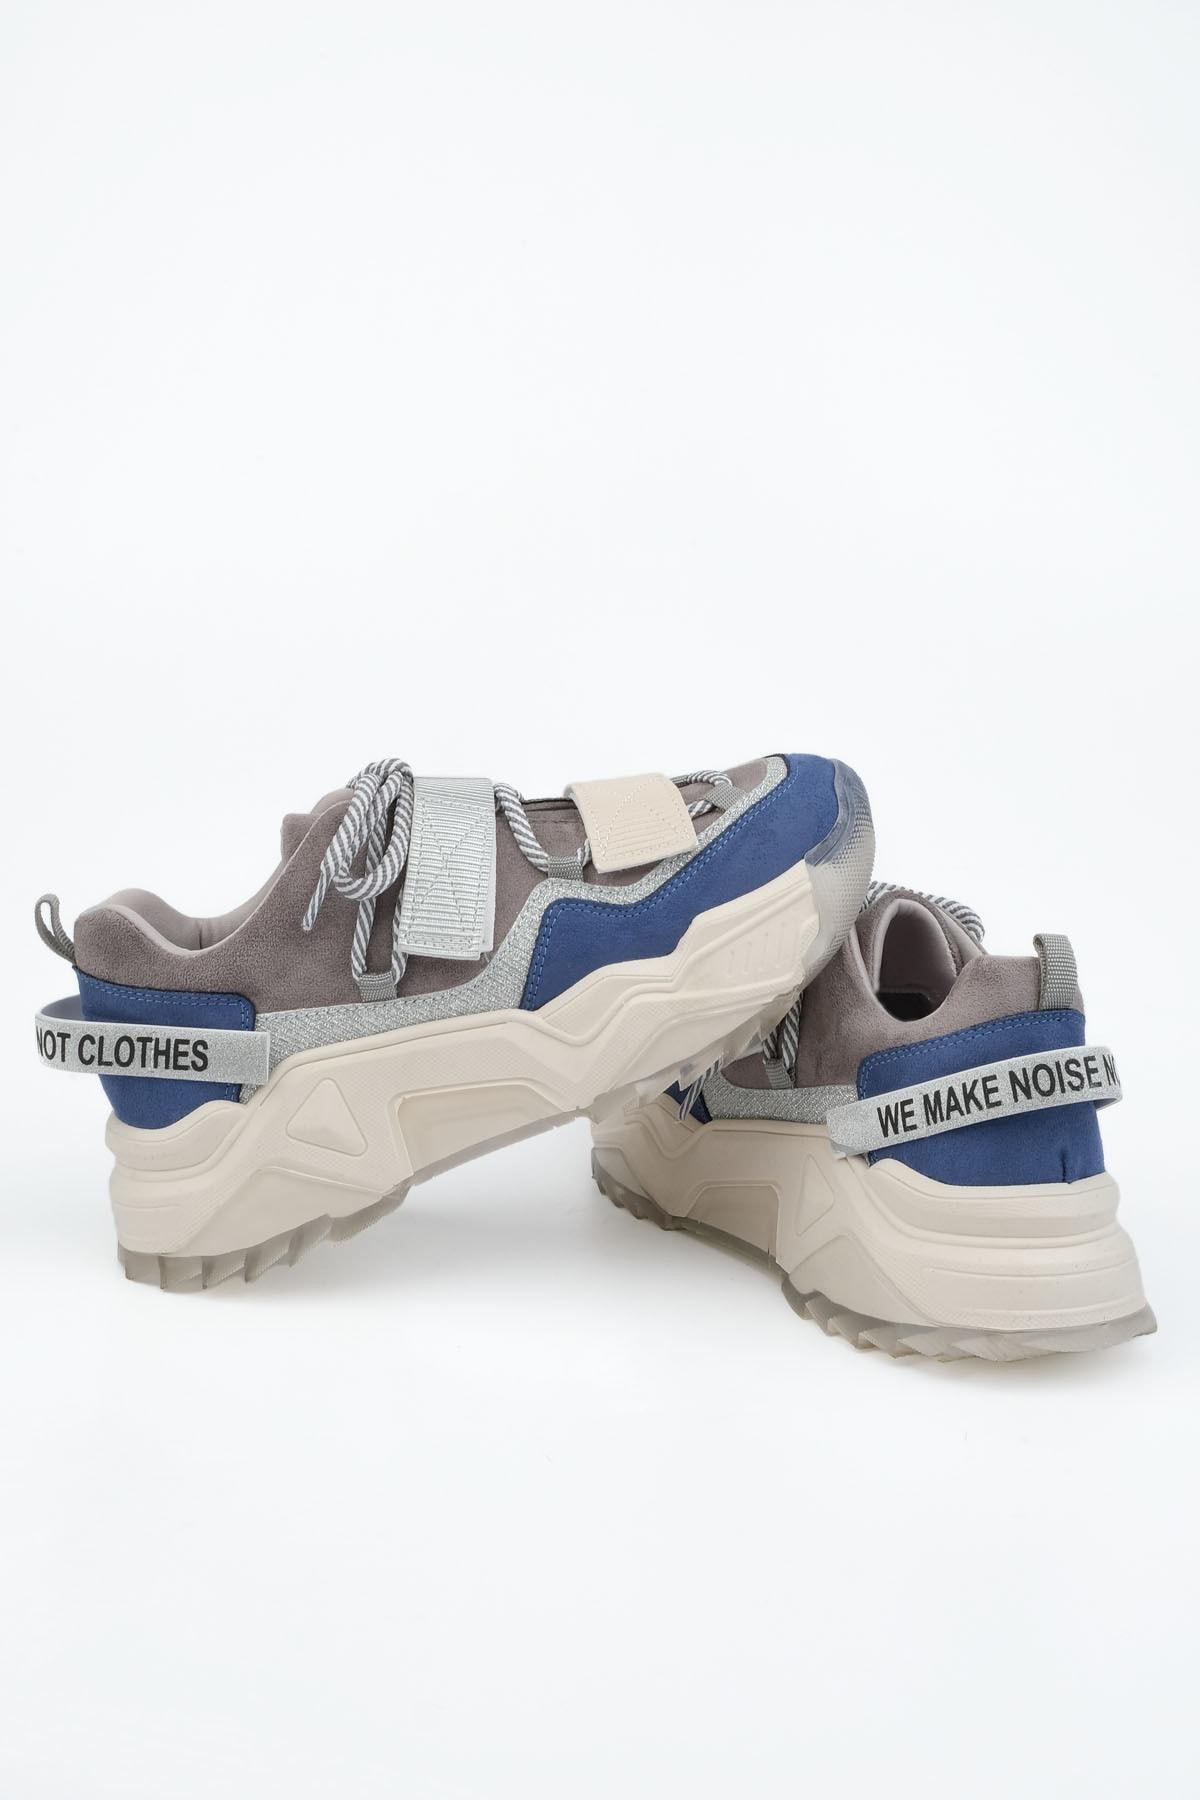 Marjin Kadın Sax Mavi Süet Sneaker Dolgu Topuklu Spor Ayakkabı Cakir 1